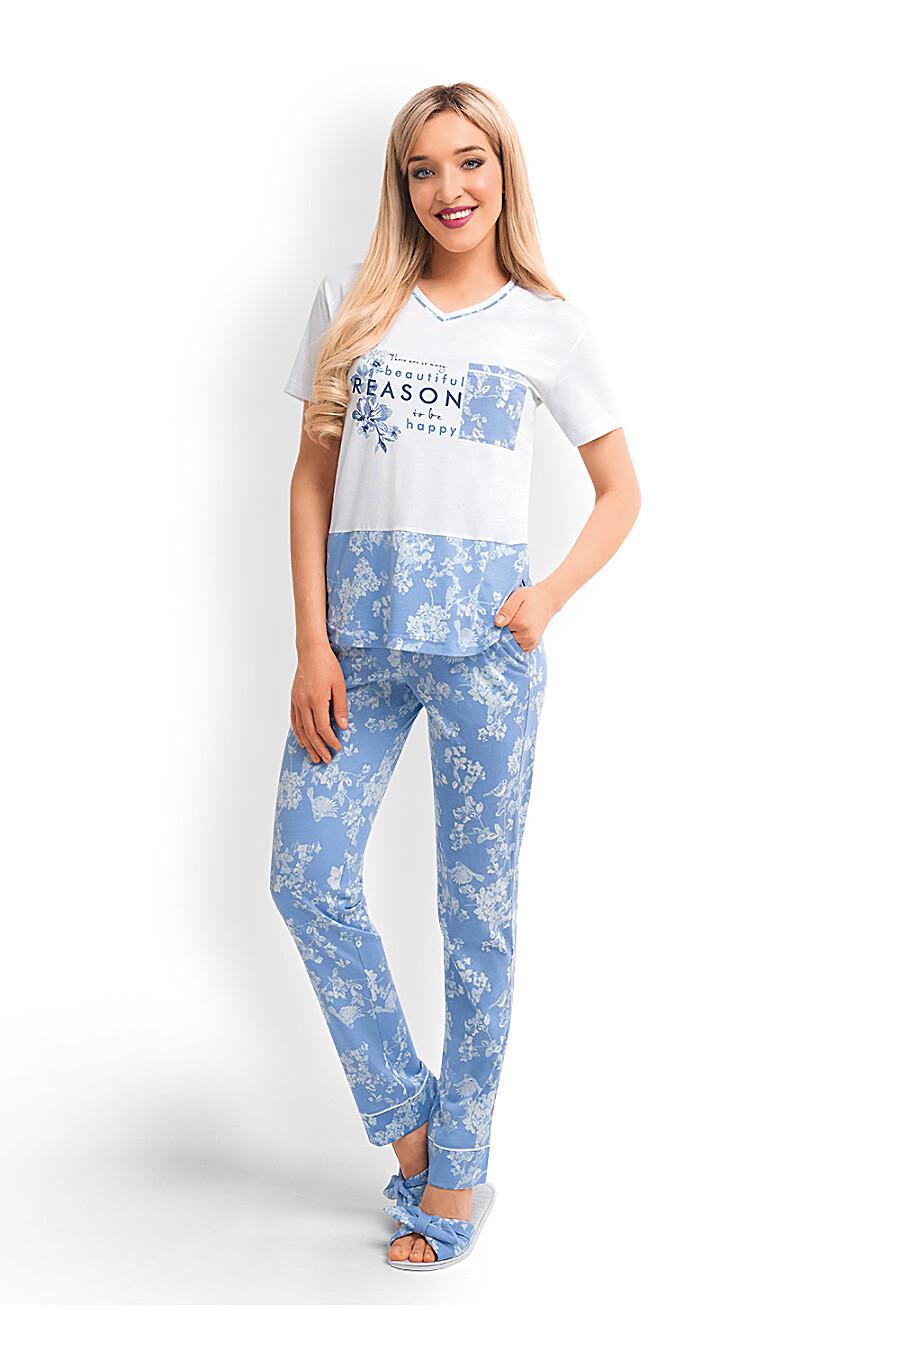 Комплект (джемпер+брюки) для женщин CLEVER 169239 купить оптом от производителя. Совместная покупка женской одежды в OptMoyo